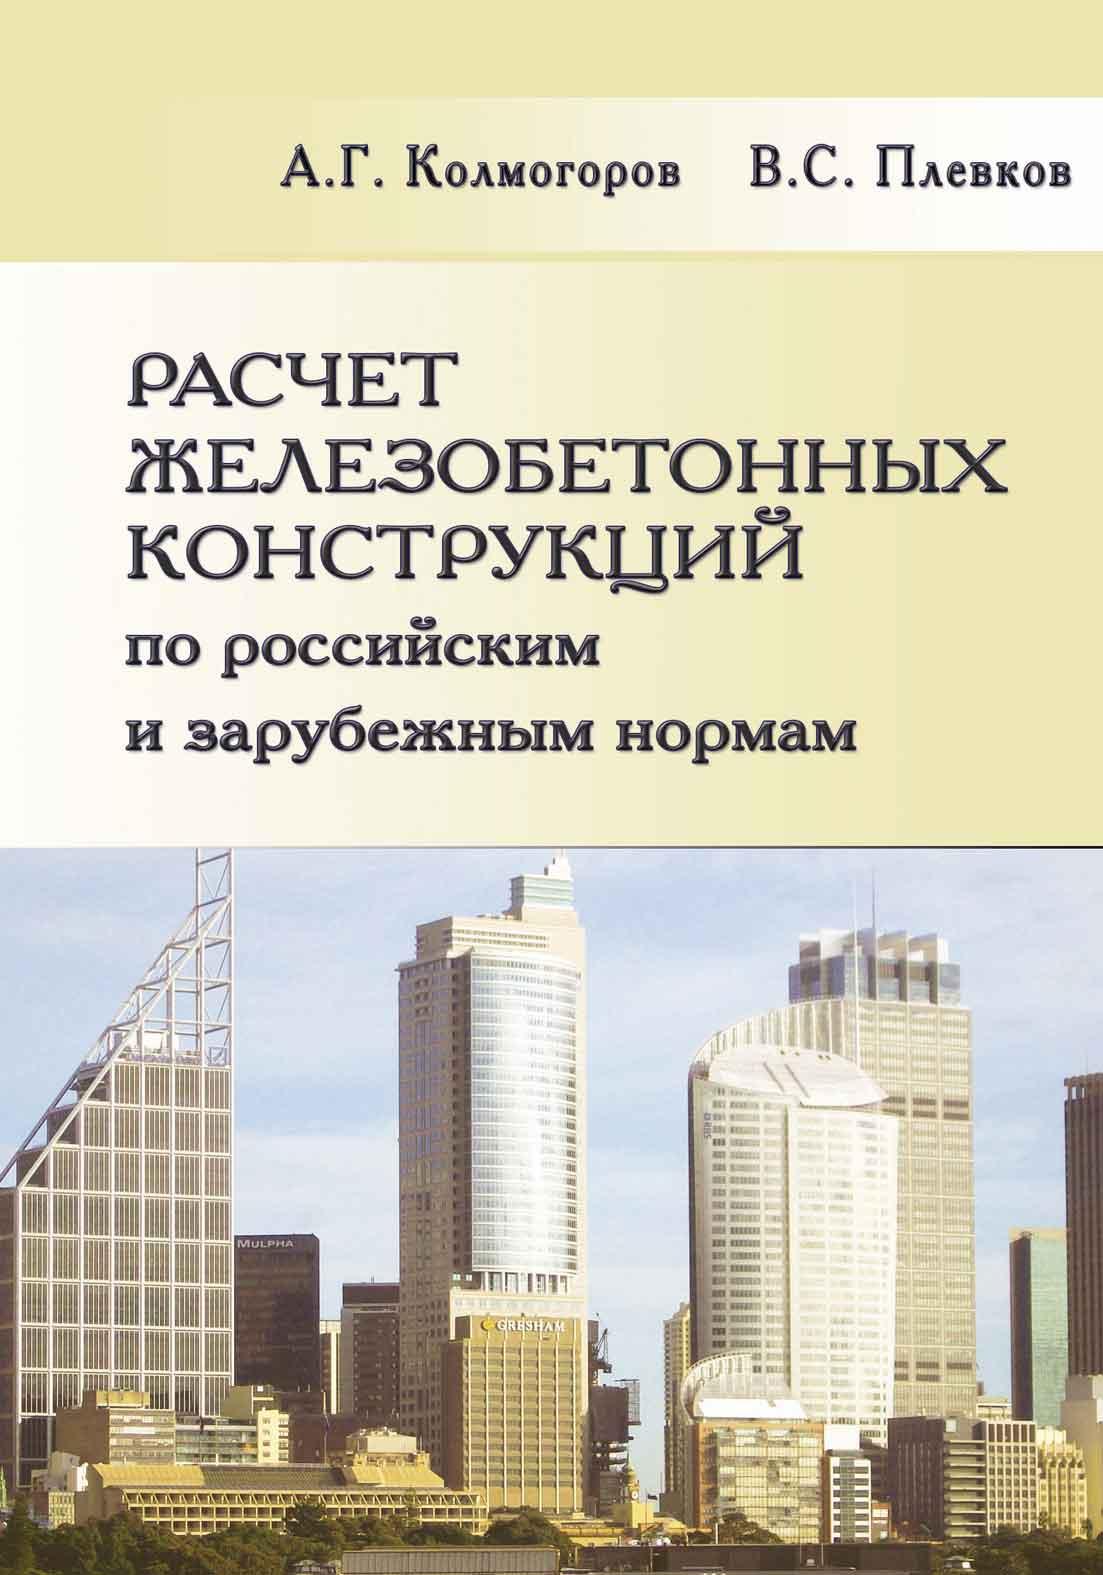 А. Г. Колмогоров Расчет железобетонных конструкций по российским и зарубежным нормам. Учебное пособие